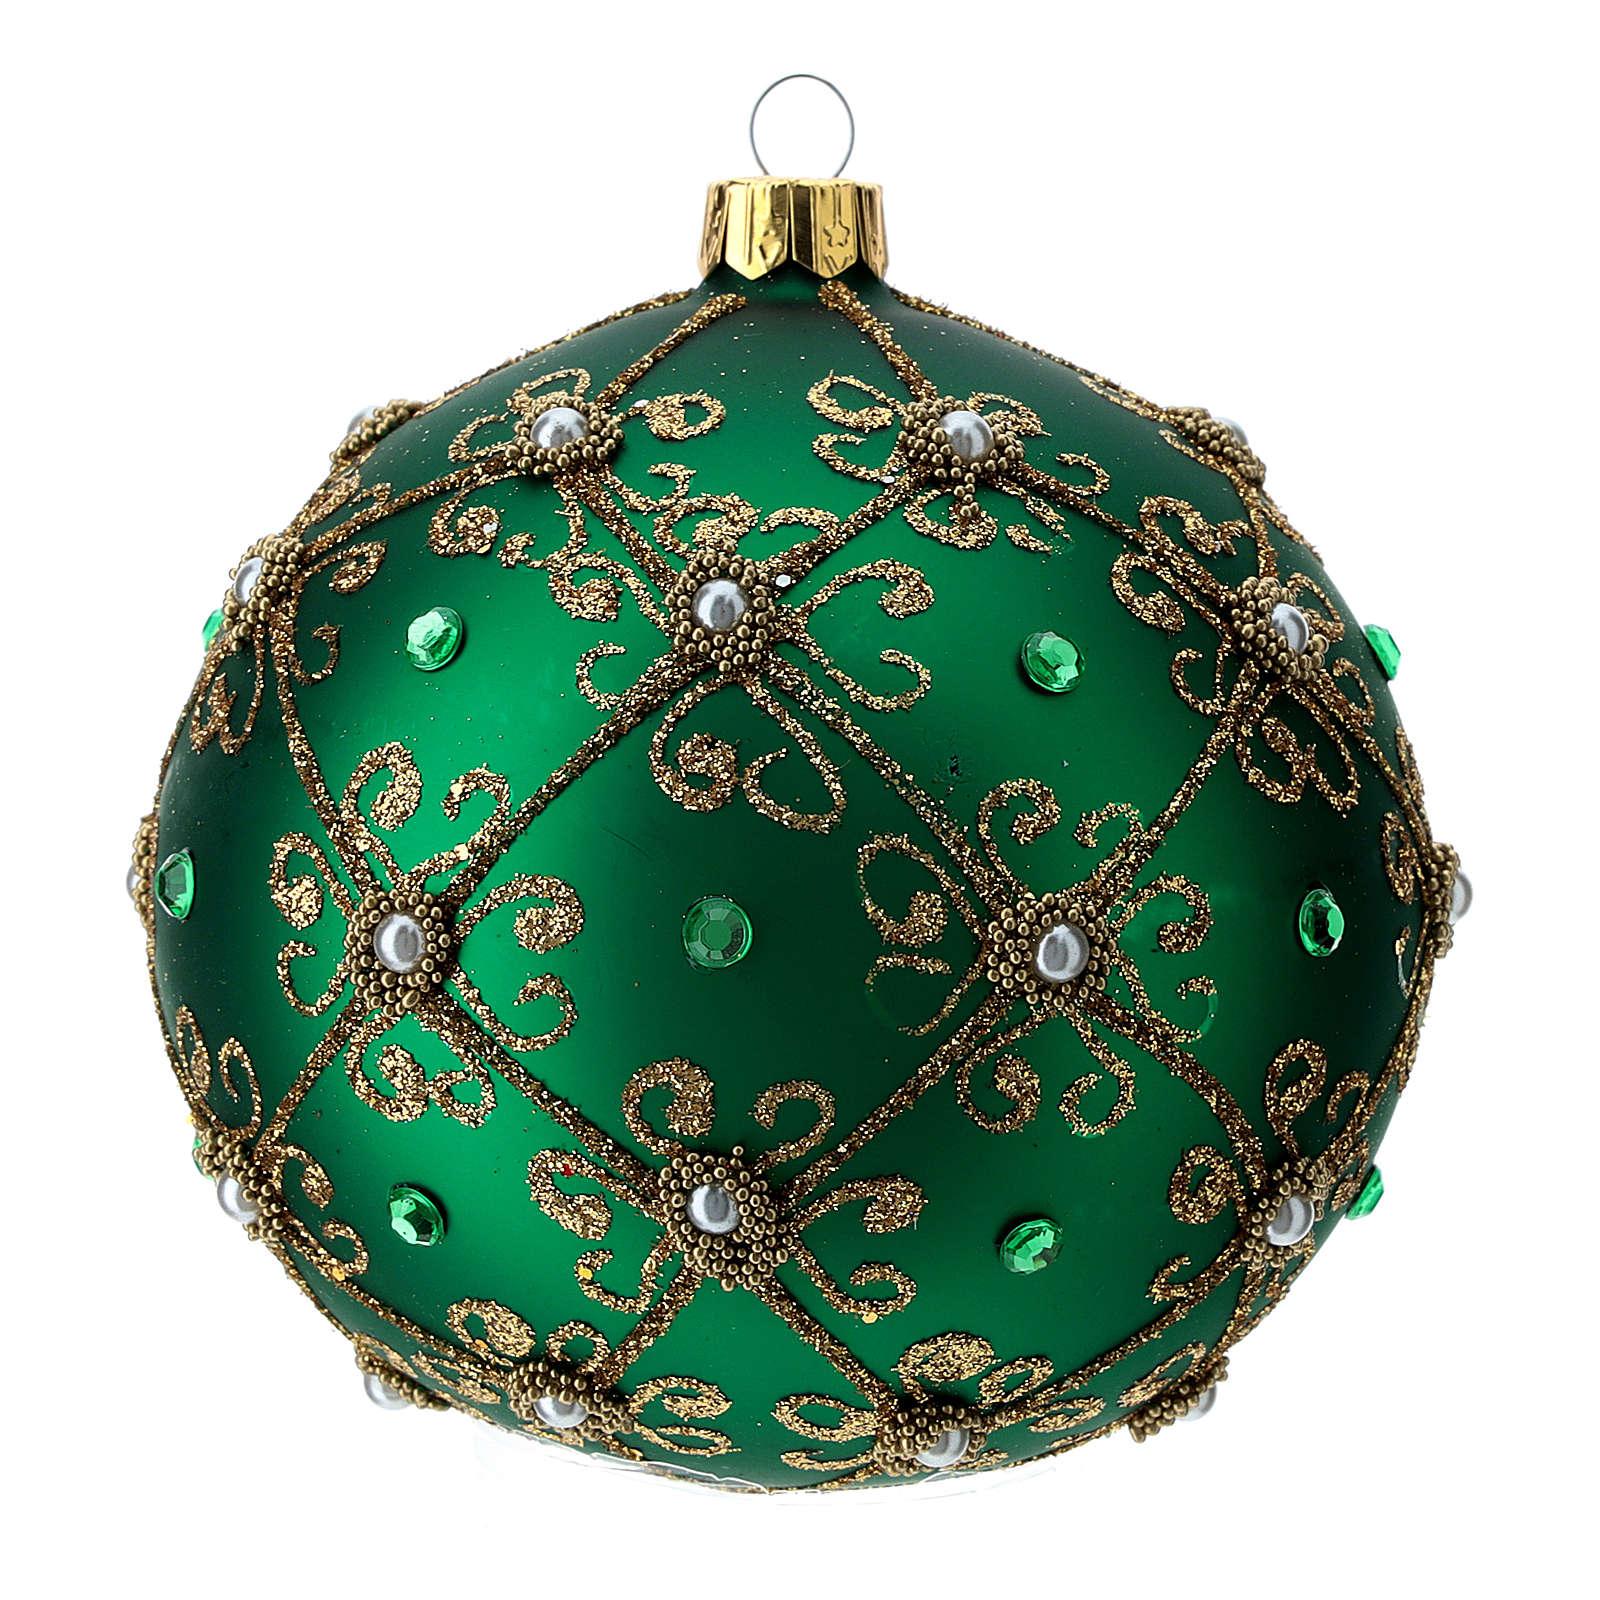 Ardorno de Navidad bola verde y oro 100 mm 4